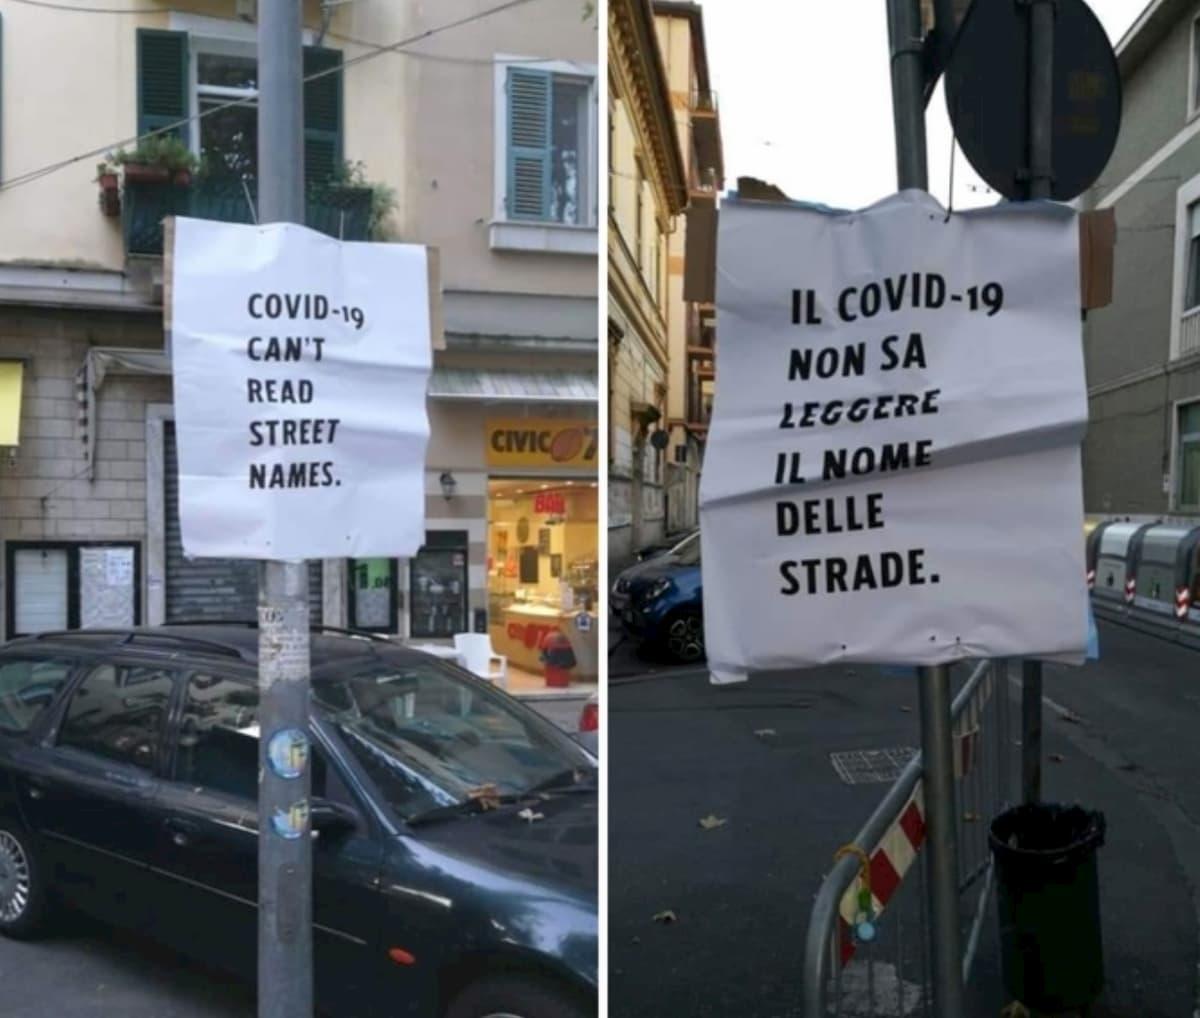 """La Spezia, cartelli contro la ordinanza anti-assembramenti: """"Il Covid-19 non legge il nome delle strade. Basta razzismo"""""""